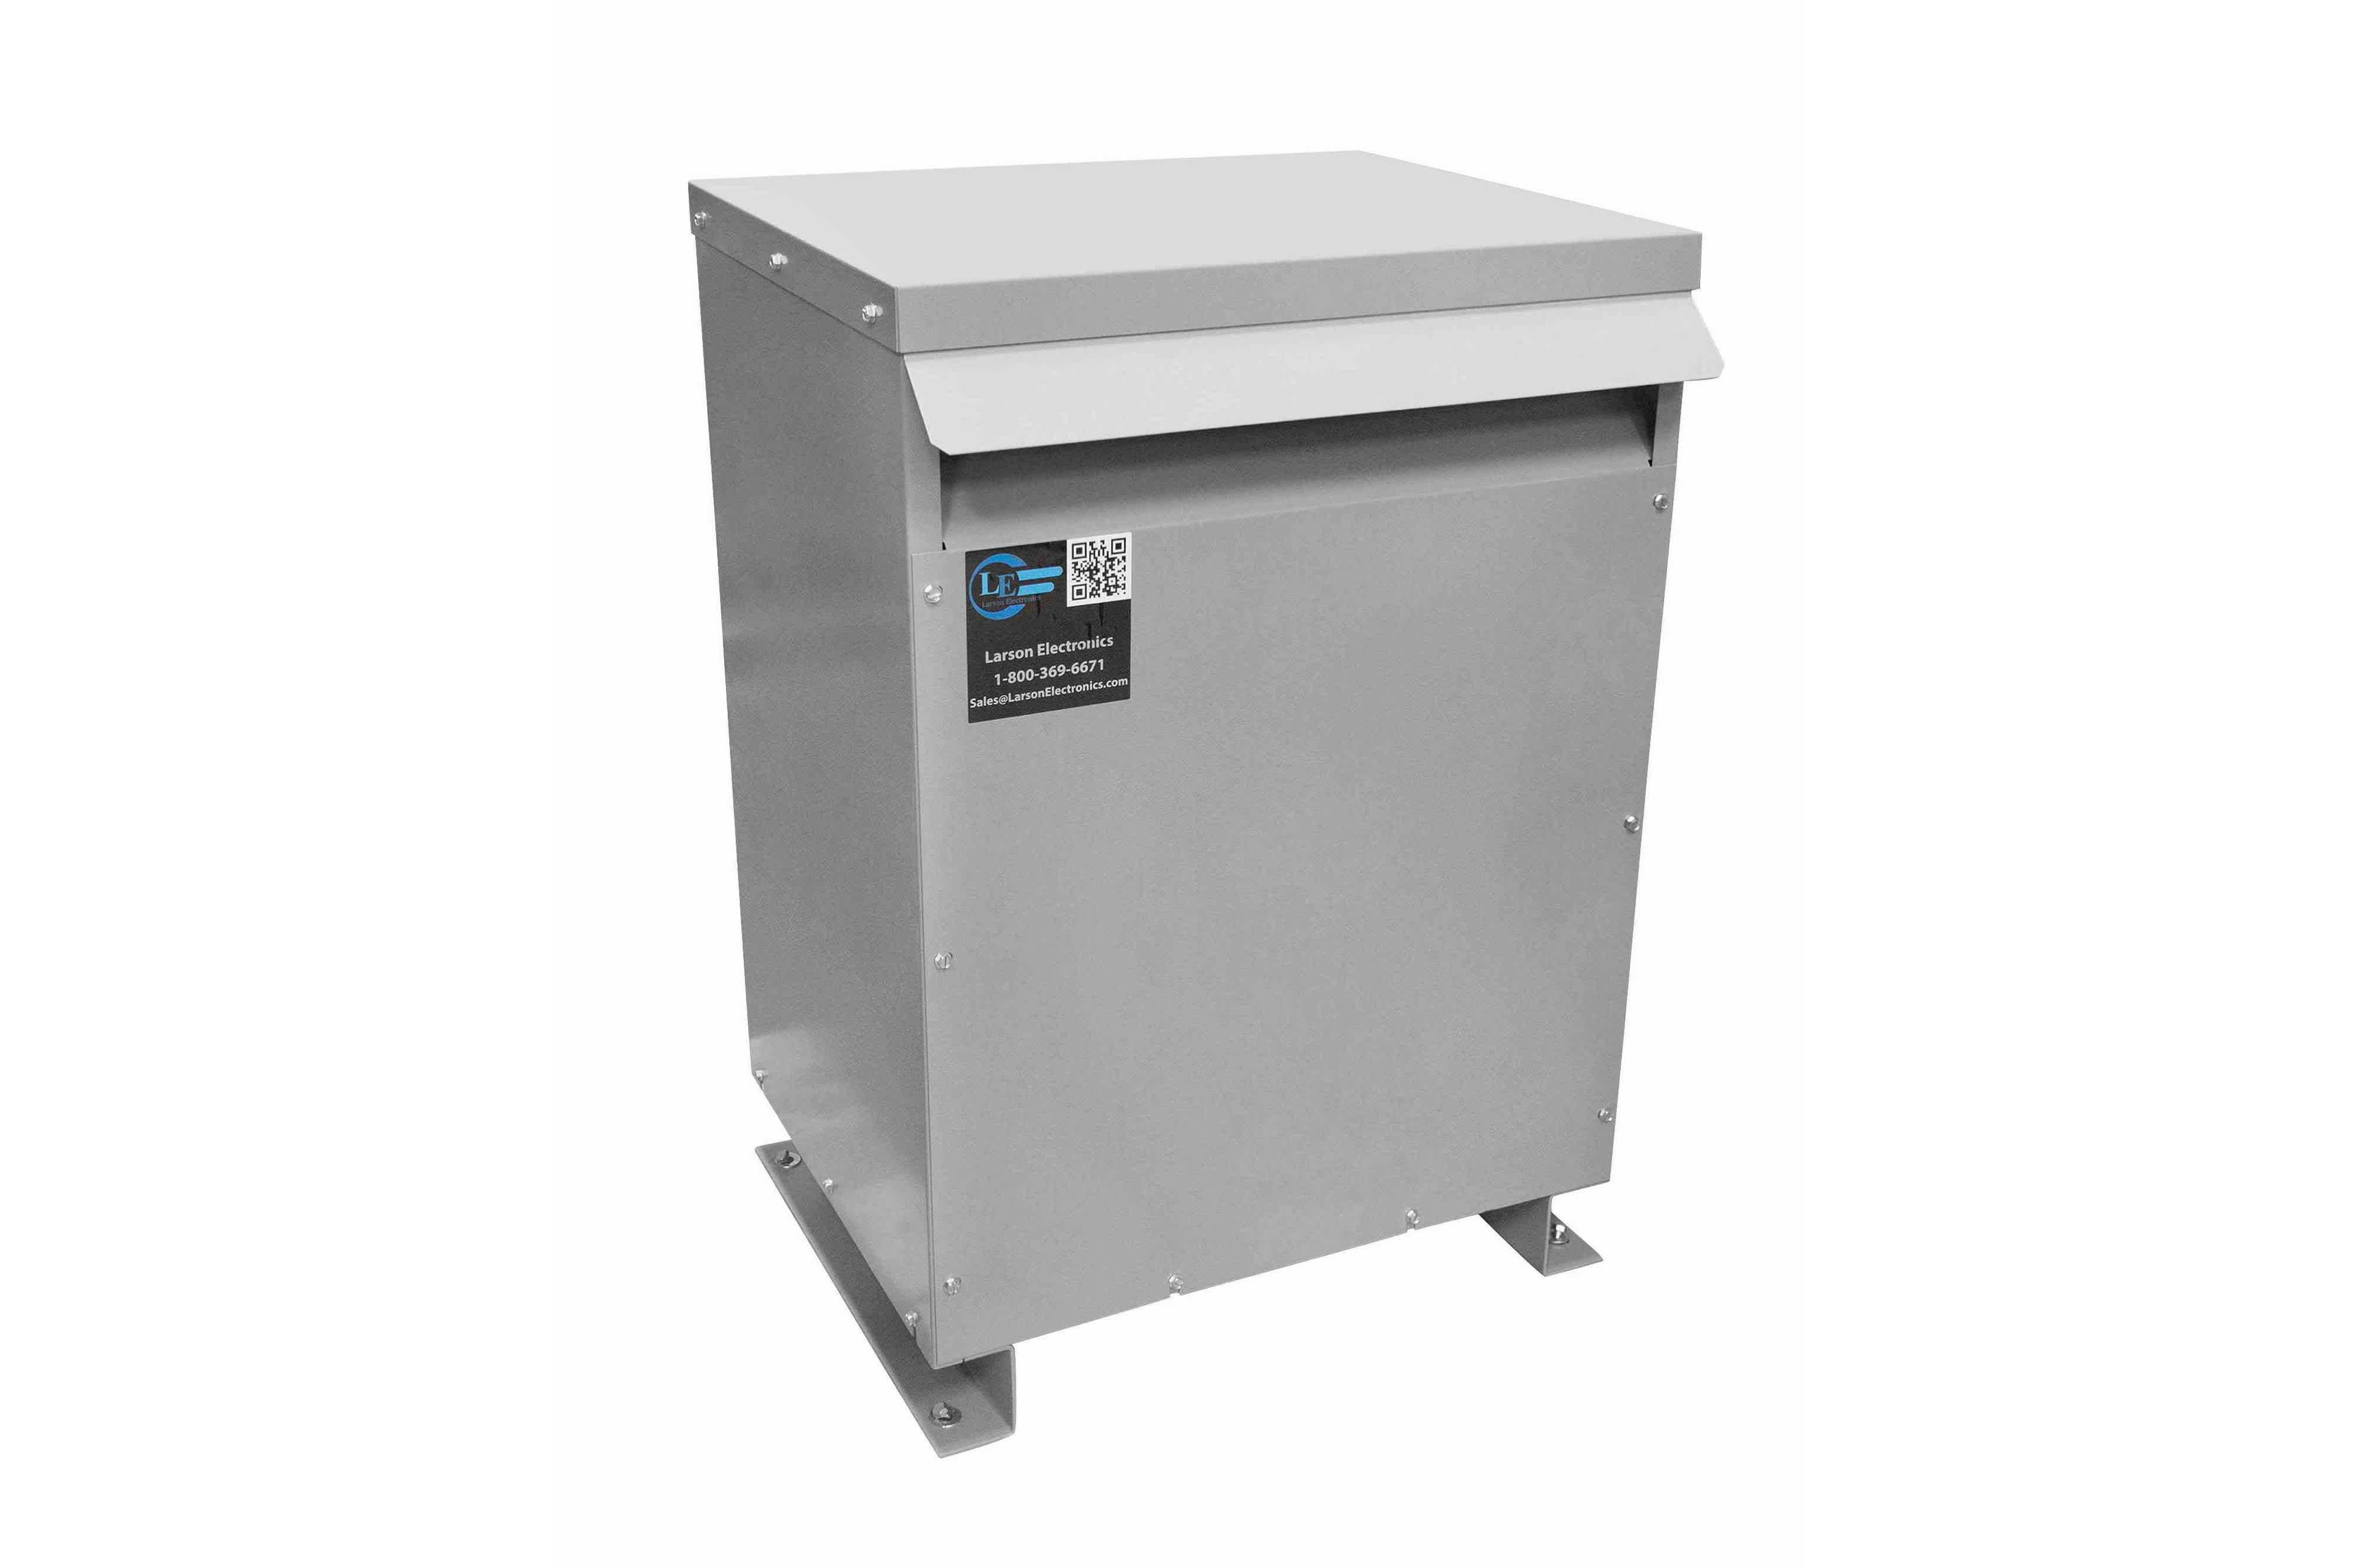 175 kVA 3PH Isolation Transformer, 575V Delta Primary, 380V Delta Secondary, N3R, Ventilated, 60 Hz